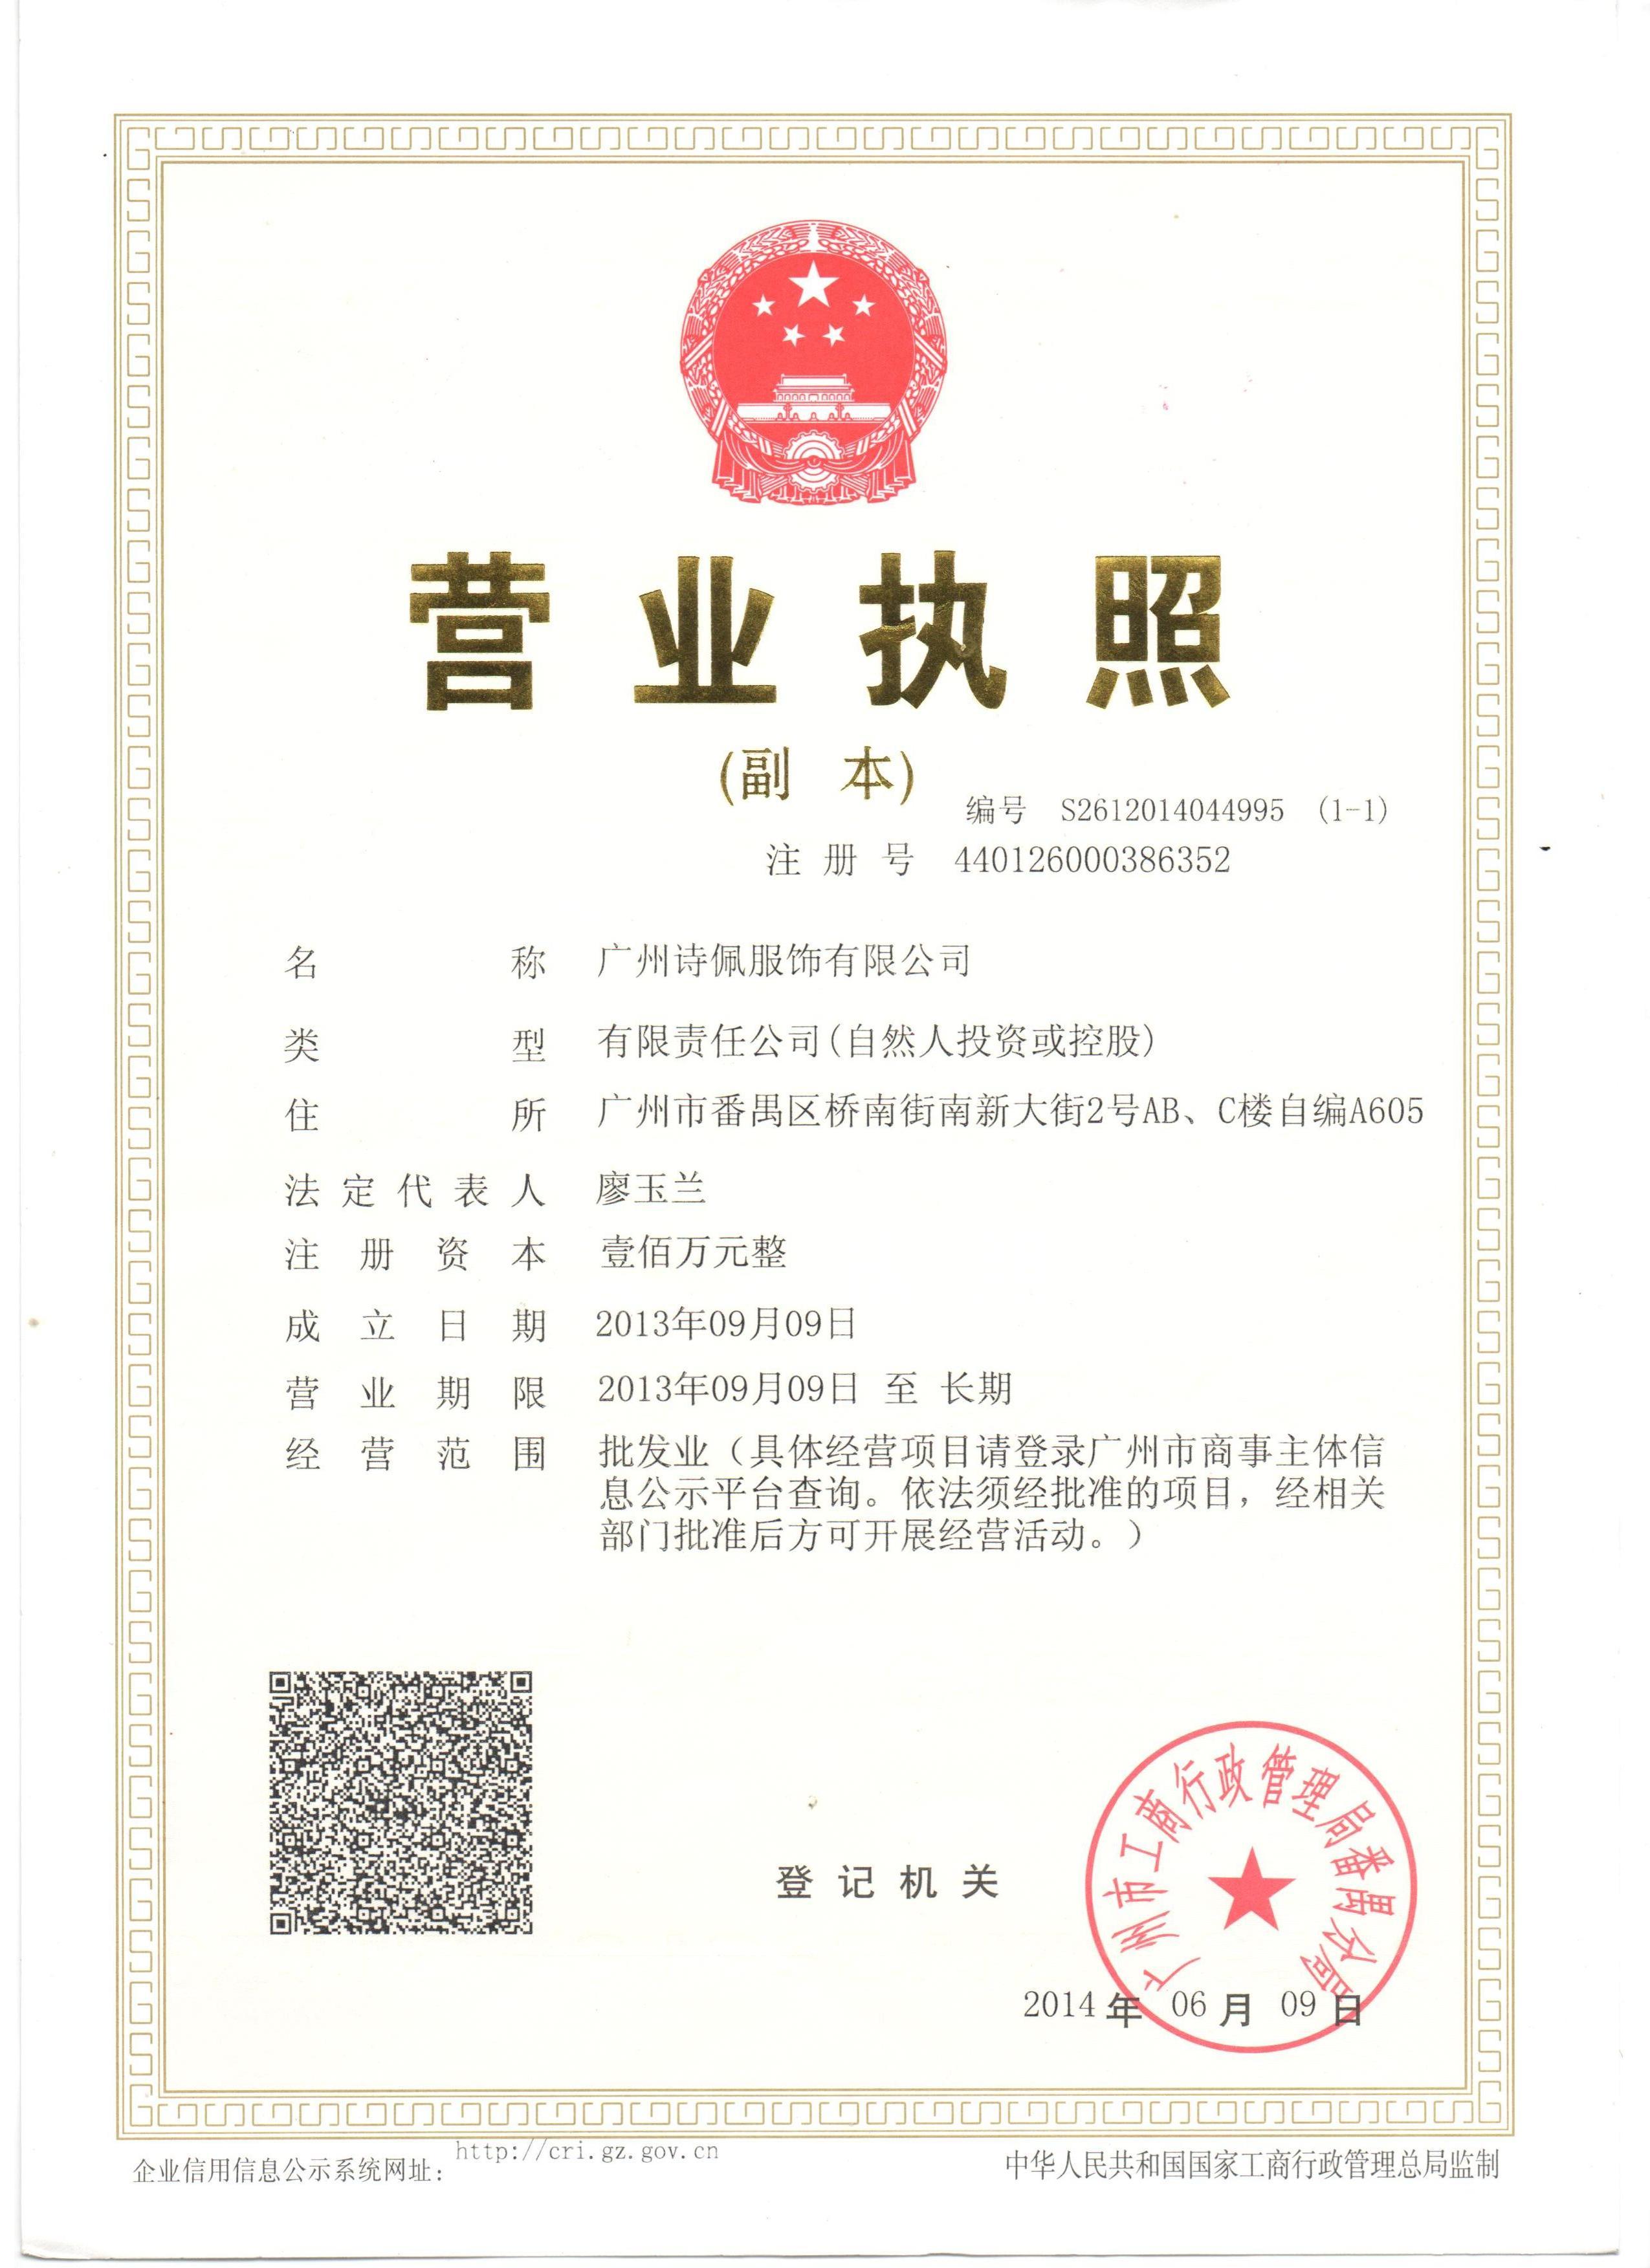 广州诗佩服饰有限公司企业档案